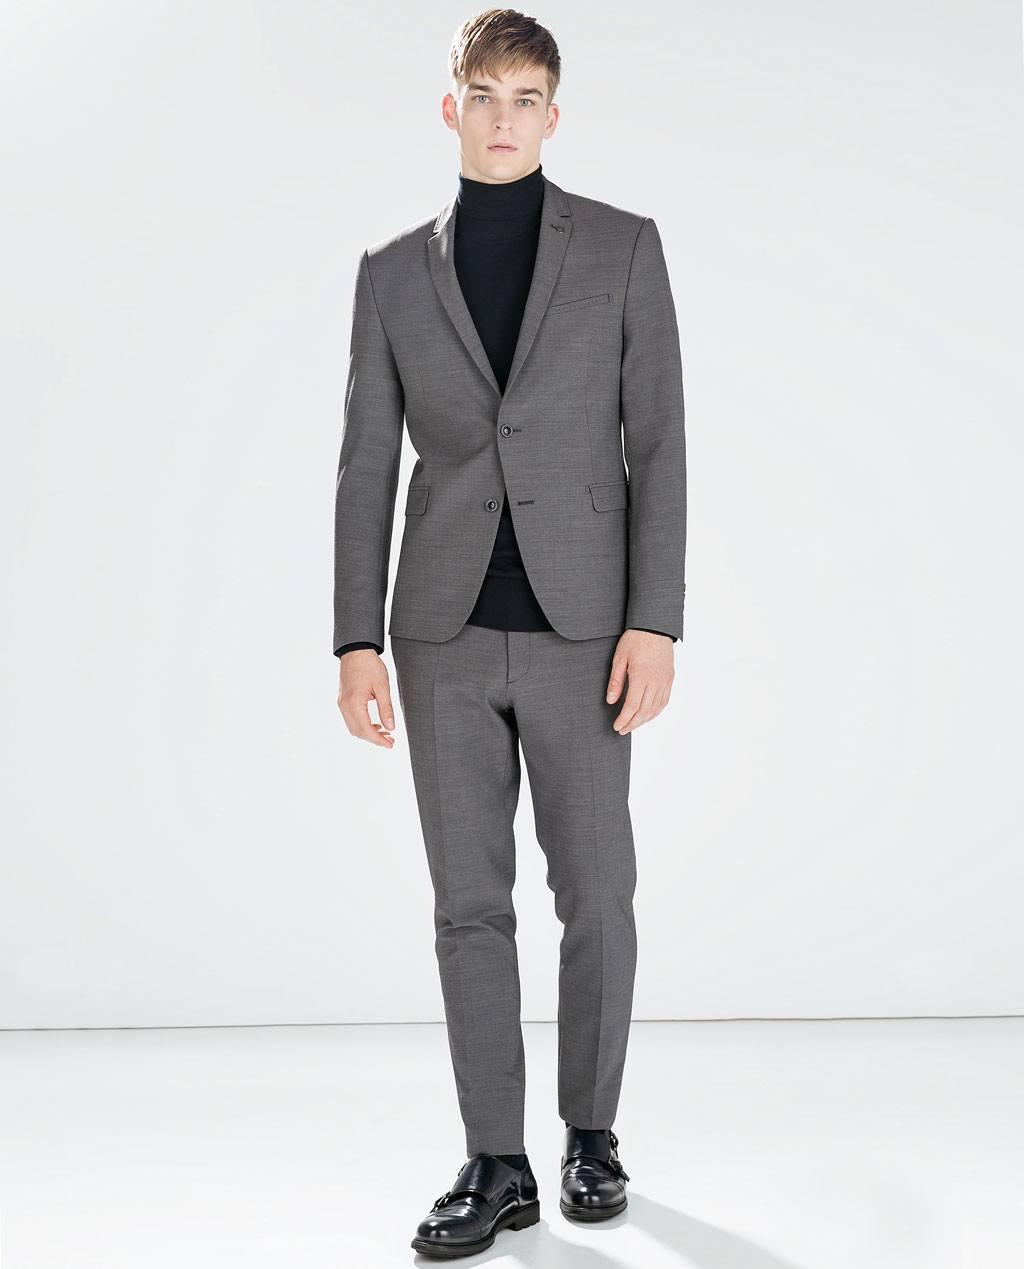 moda-nochevieja-hombre-2014-2015-traje-gris-jersey-cuello-cisne-de-zara